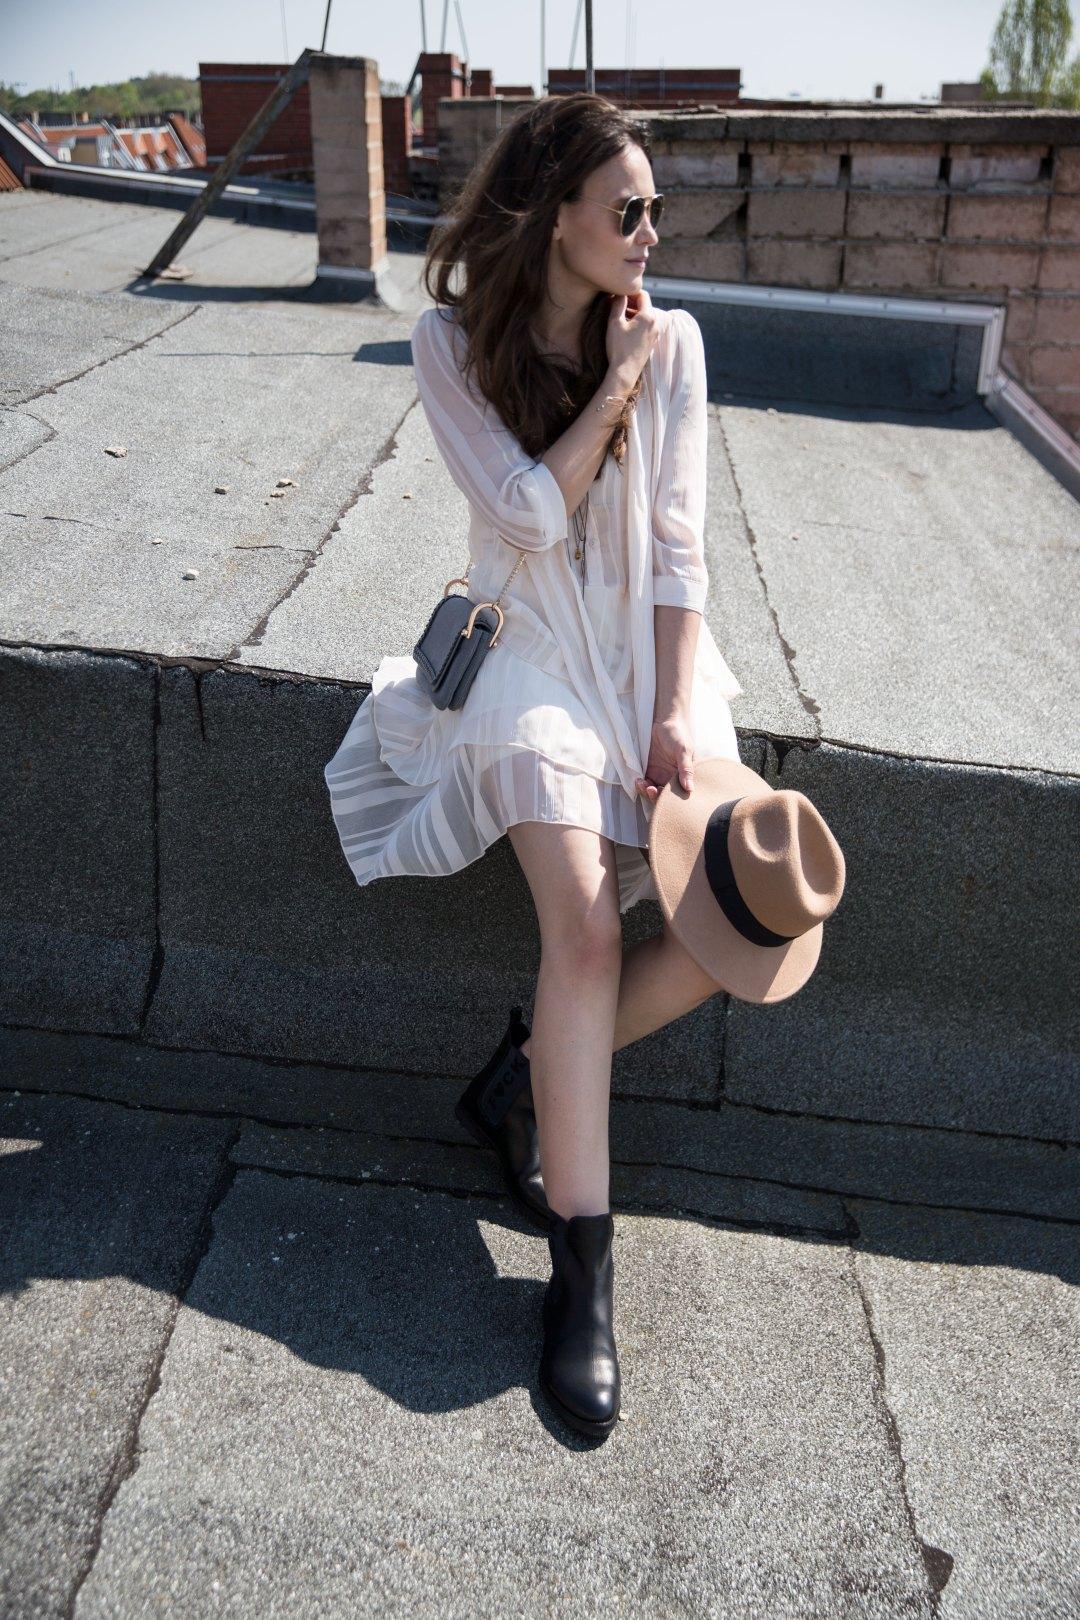 Luftig leichtes Sommerkleid mit derben Boots_1080_1